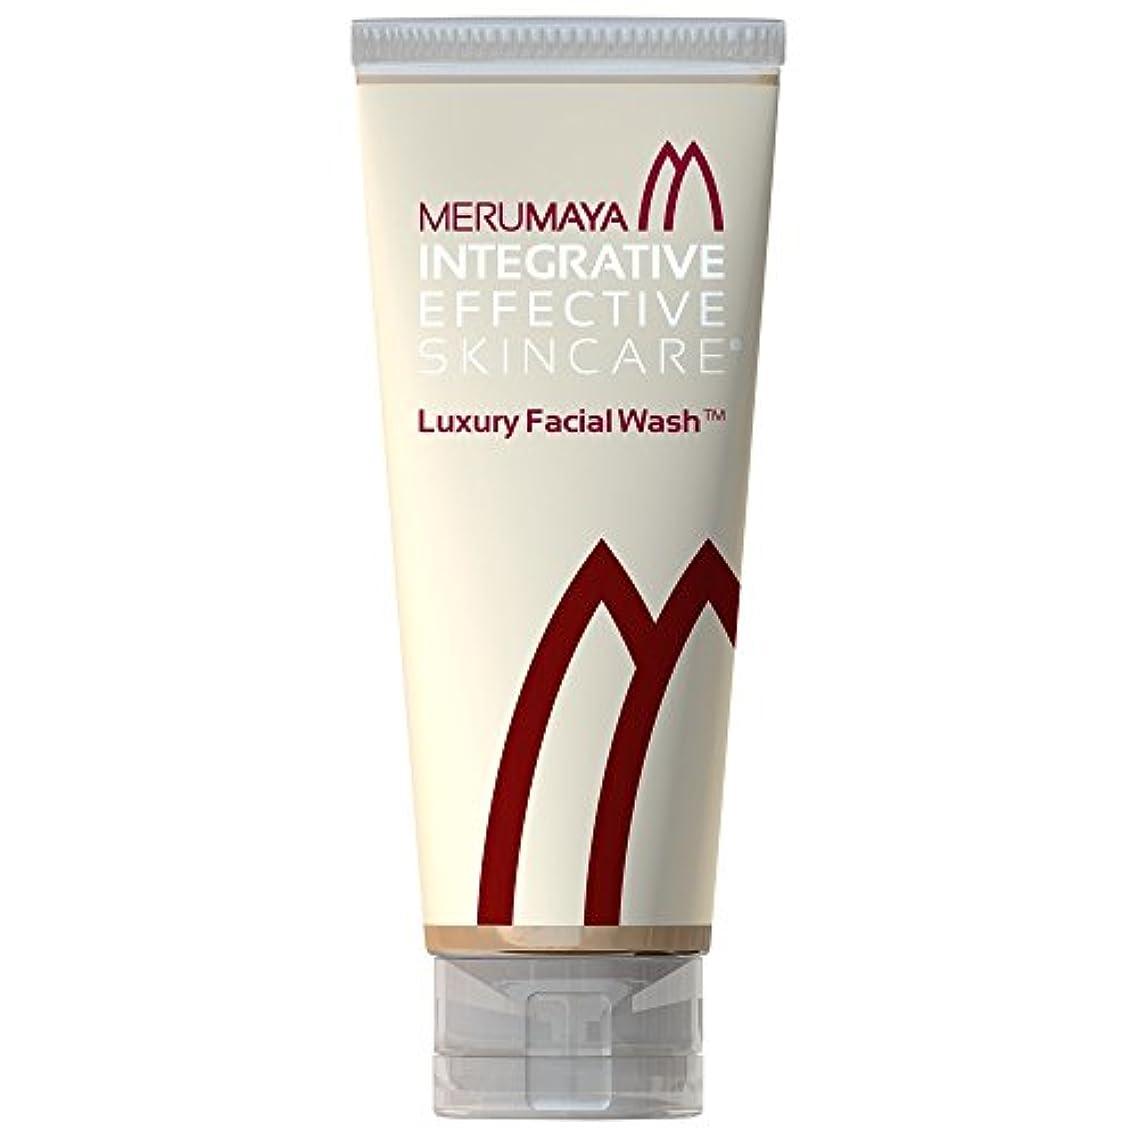 見えないフルーティー累計Merumaya高級洗顔?、100ミリリットル (Merumaya) - MERUMAYA Luxury Facial Wash?, 100ml [並行輸入品]